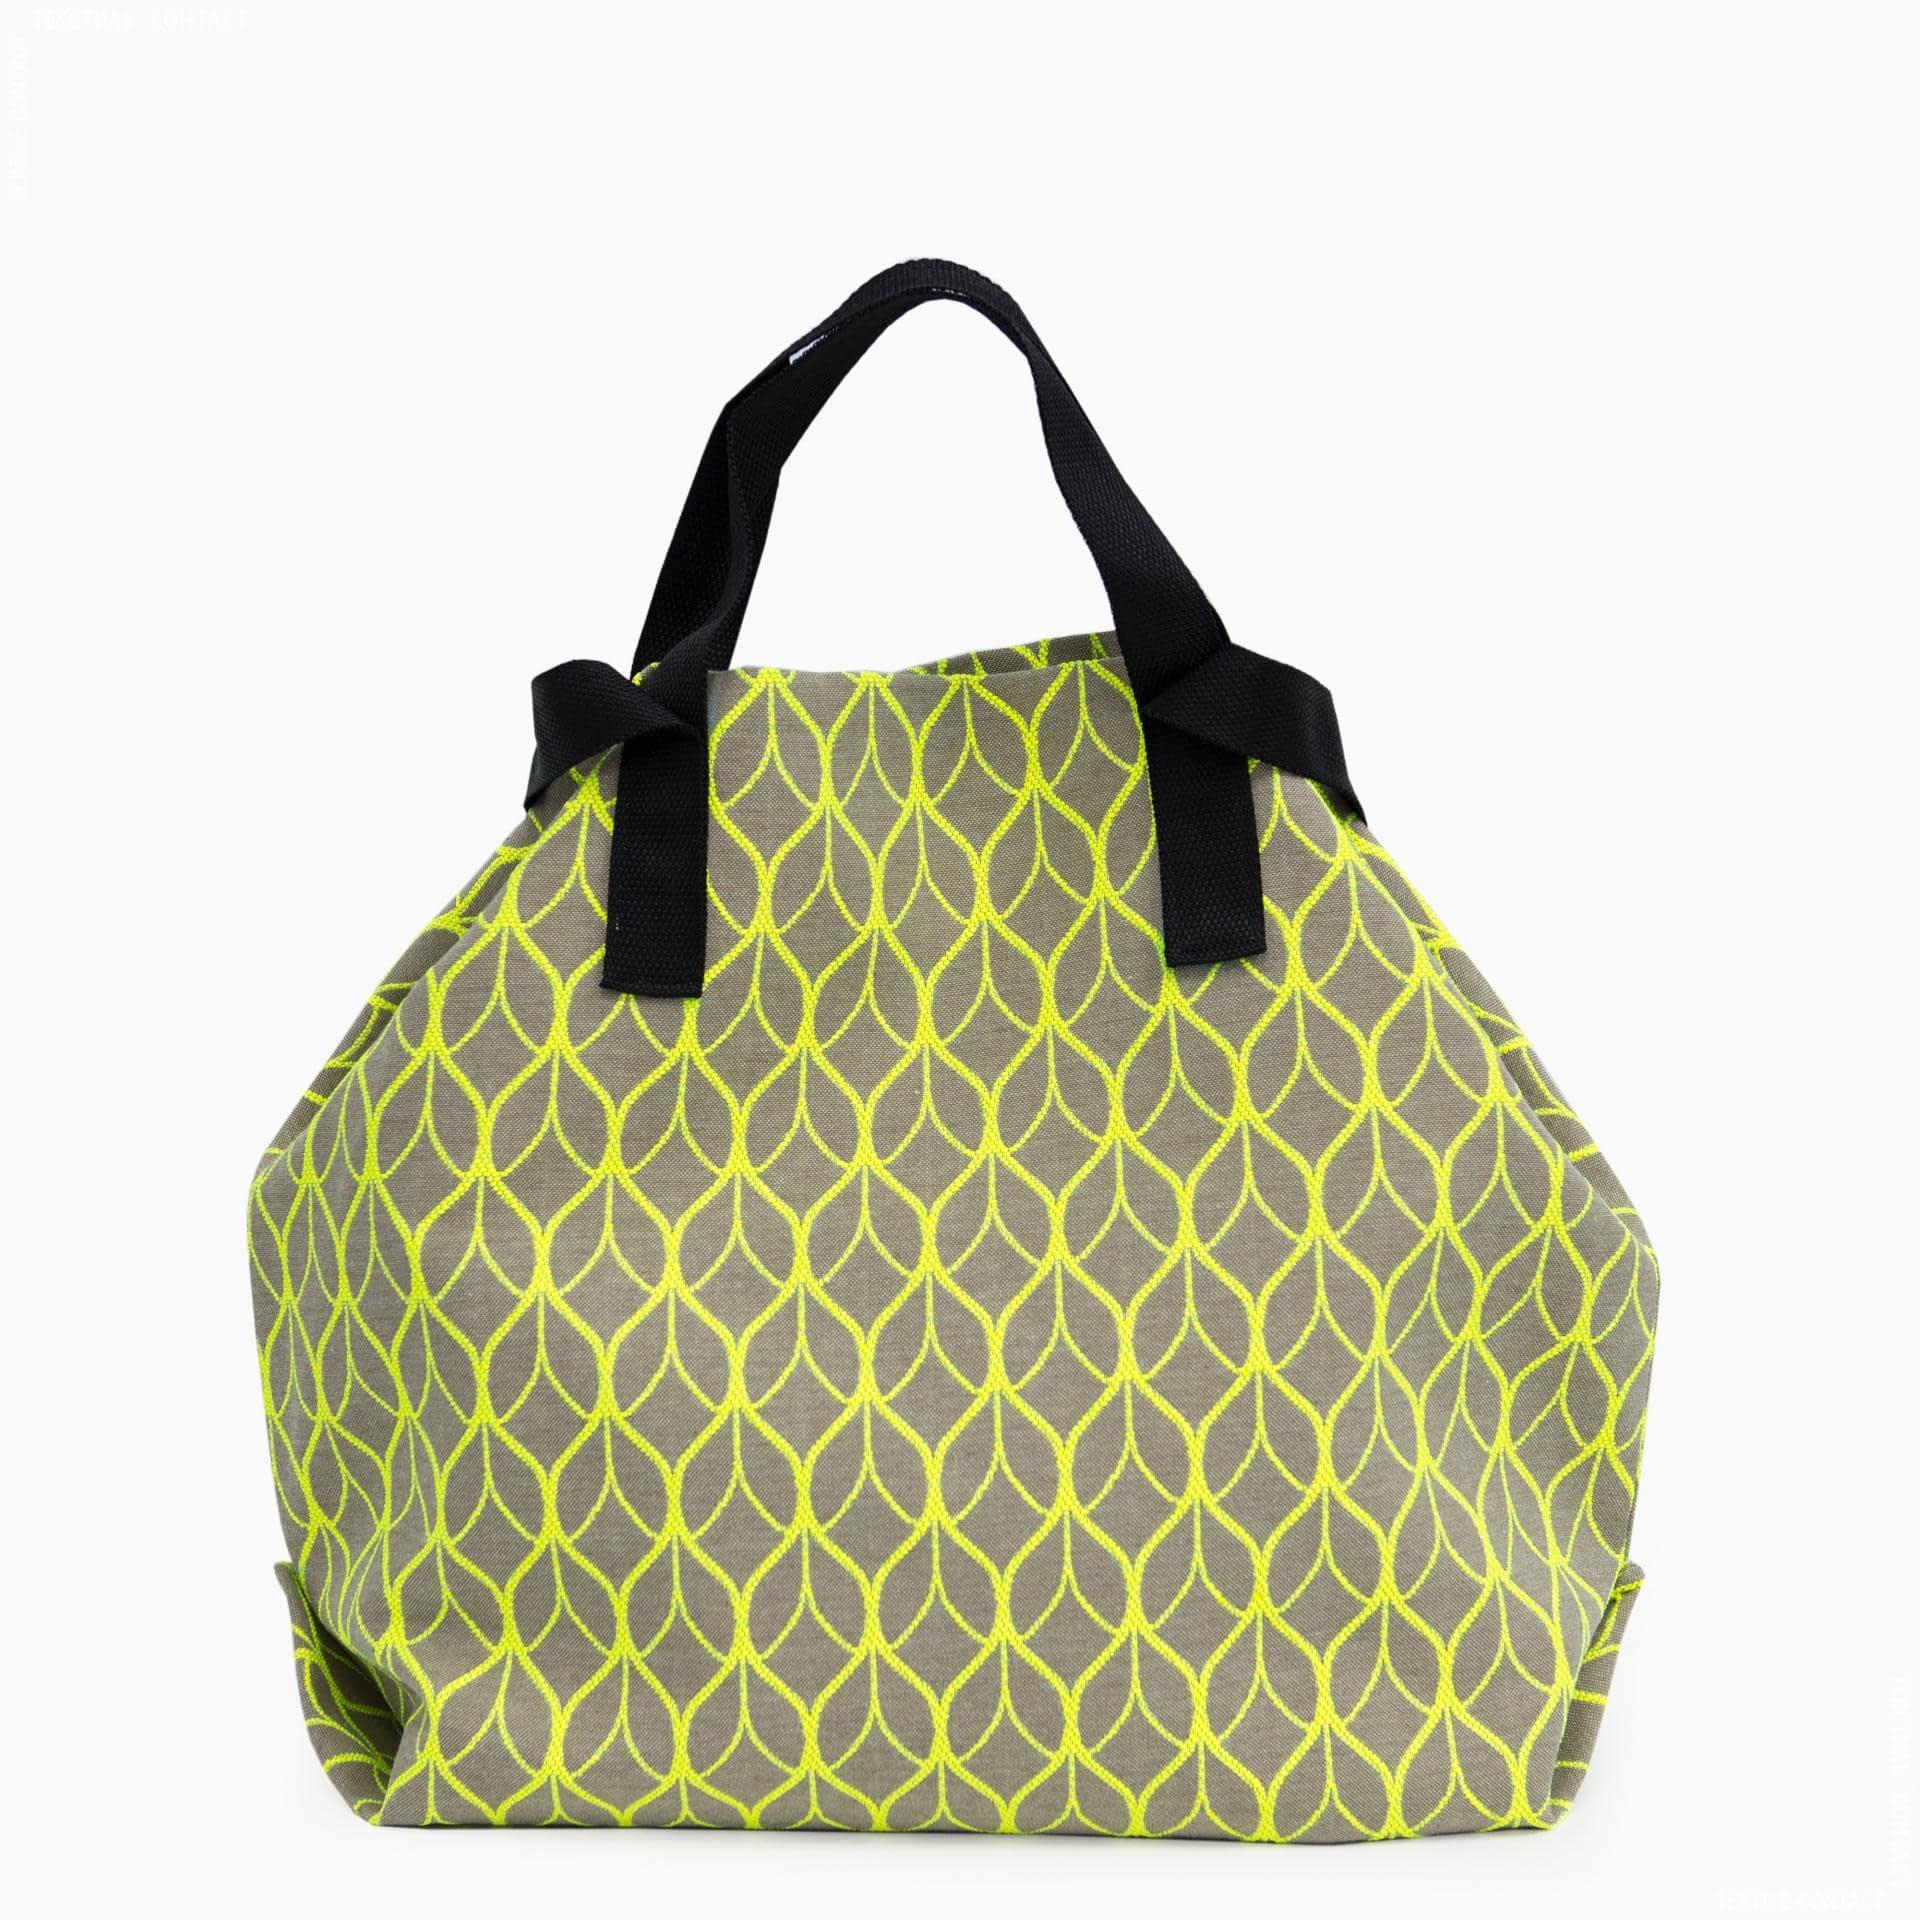 Тканини сумка шопер - Сумка шопер дайніс  /лист/беж.  яскраво- салатовий  50х50 см